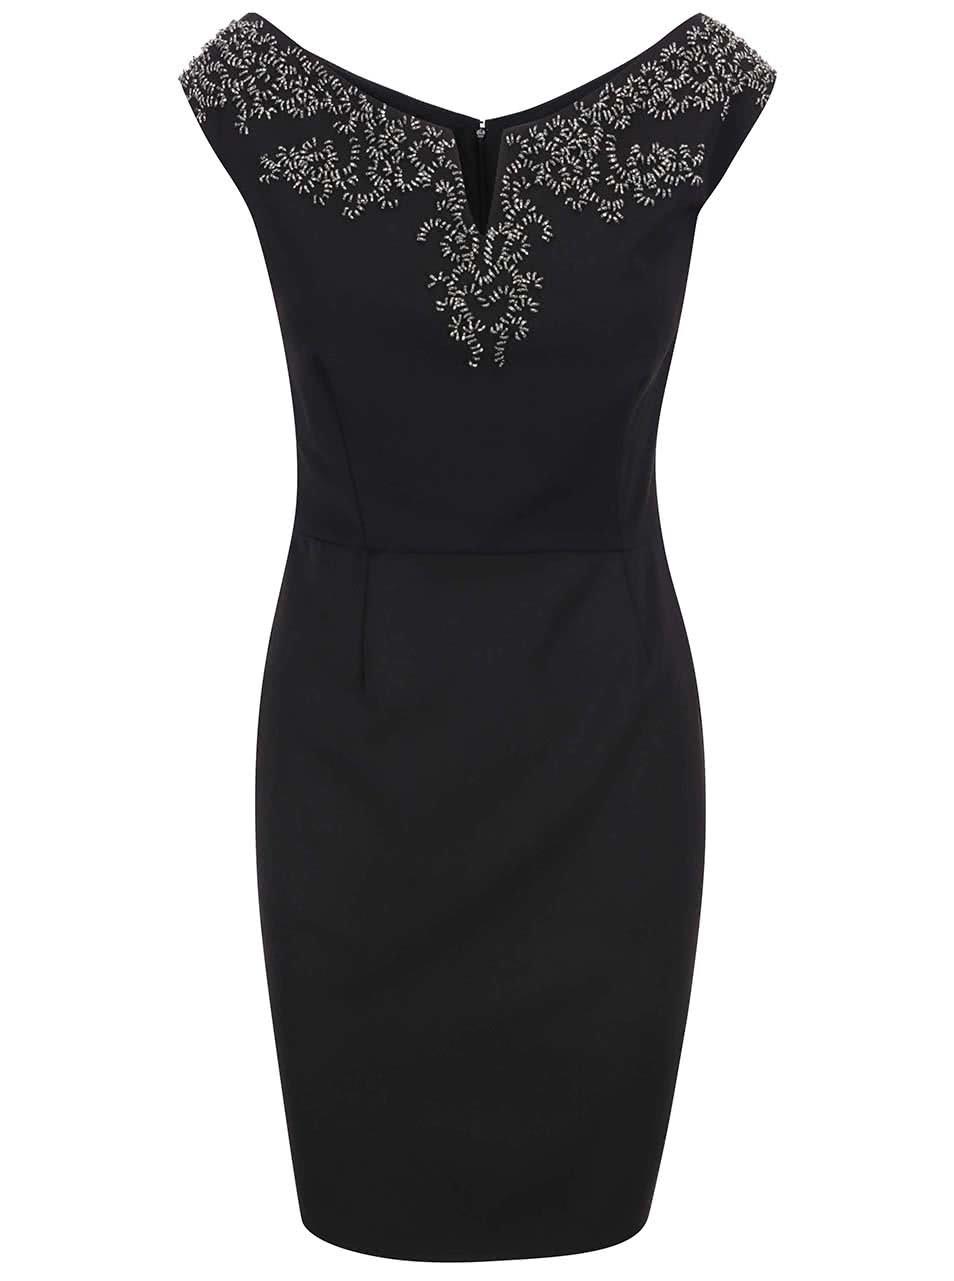 Čierne puzdrové šaty so zdobeným dekoltom Little Mistress ... fff2c3e6f7a